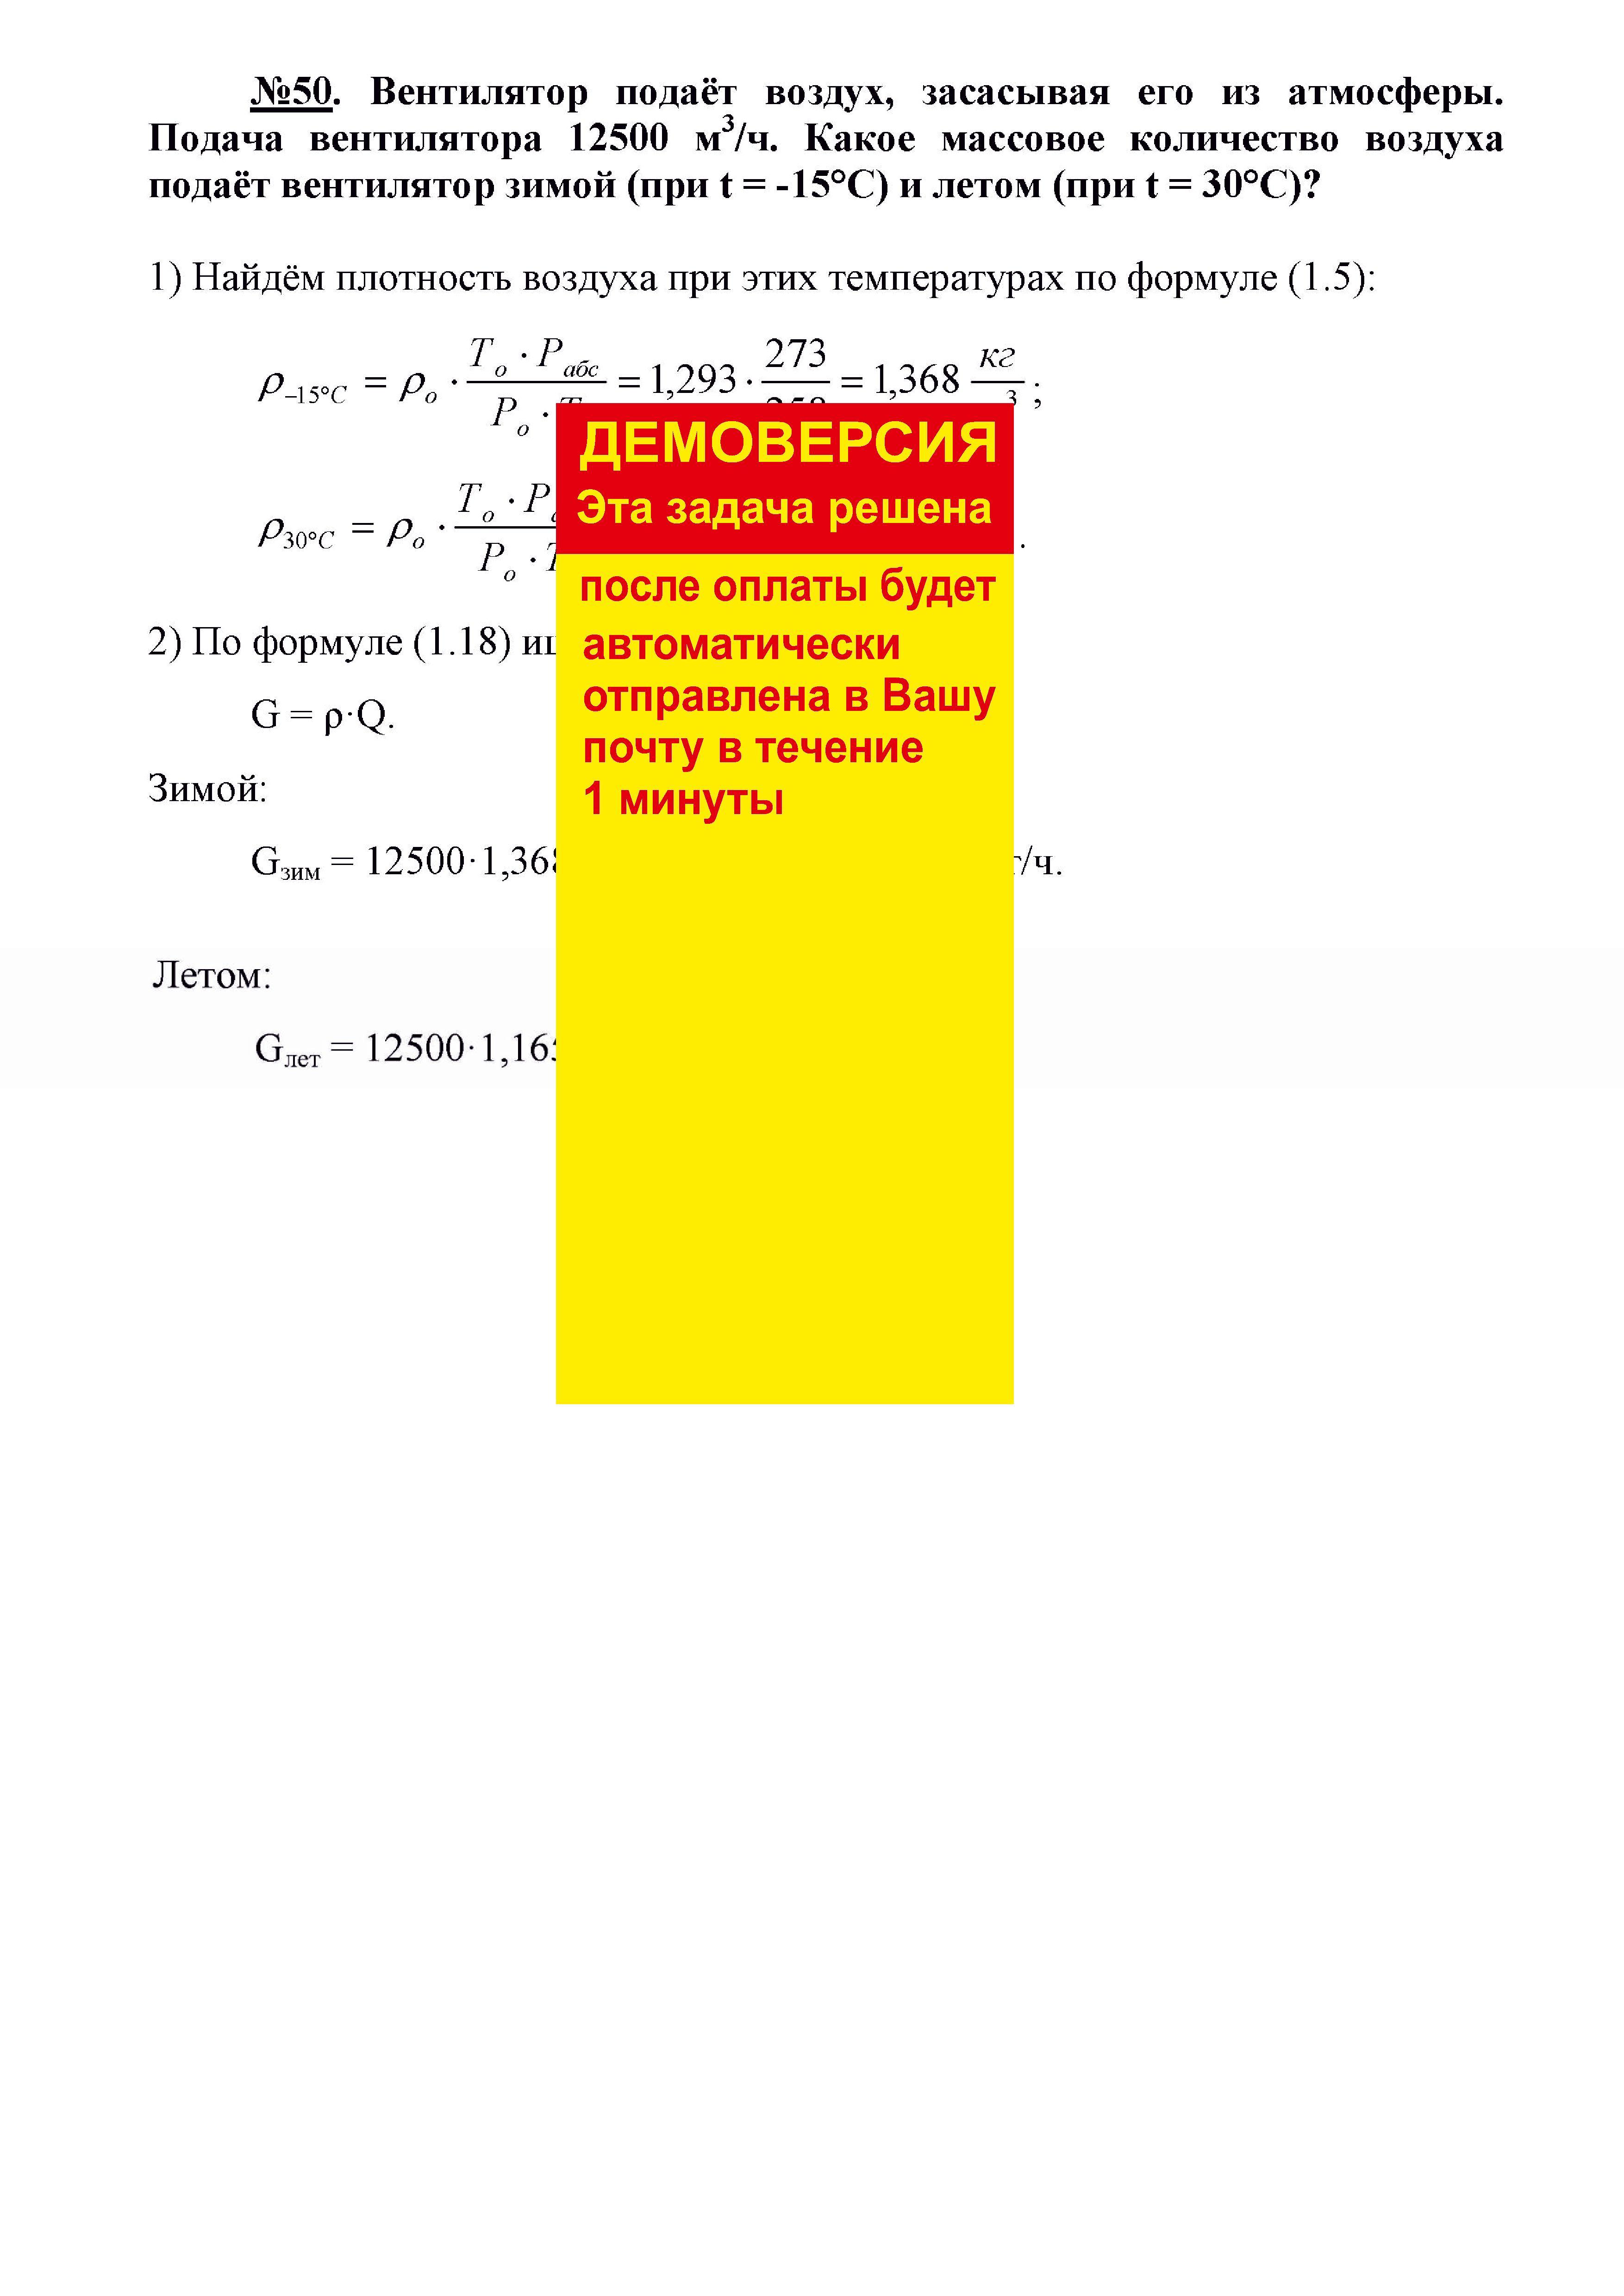 Решение задачи 1.50 по ПАХТ из задачника Павлова Романкова Носкова